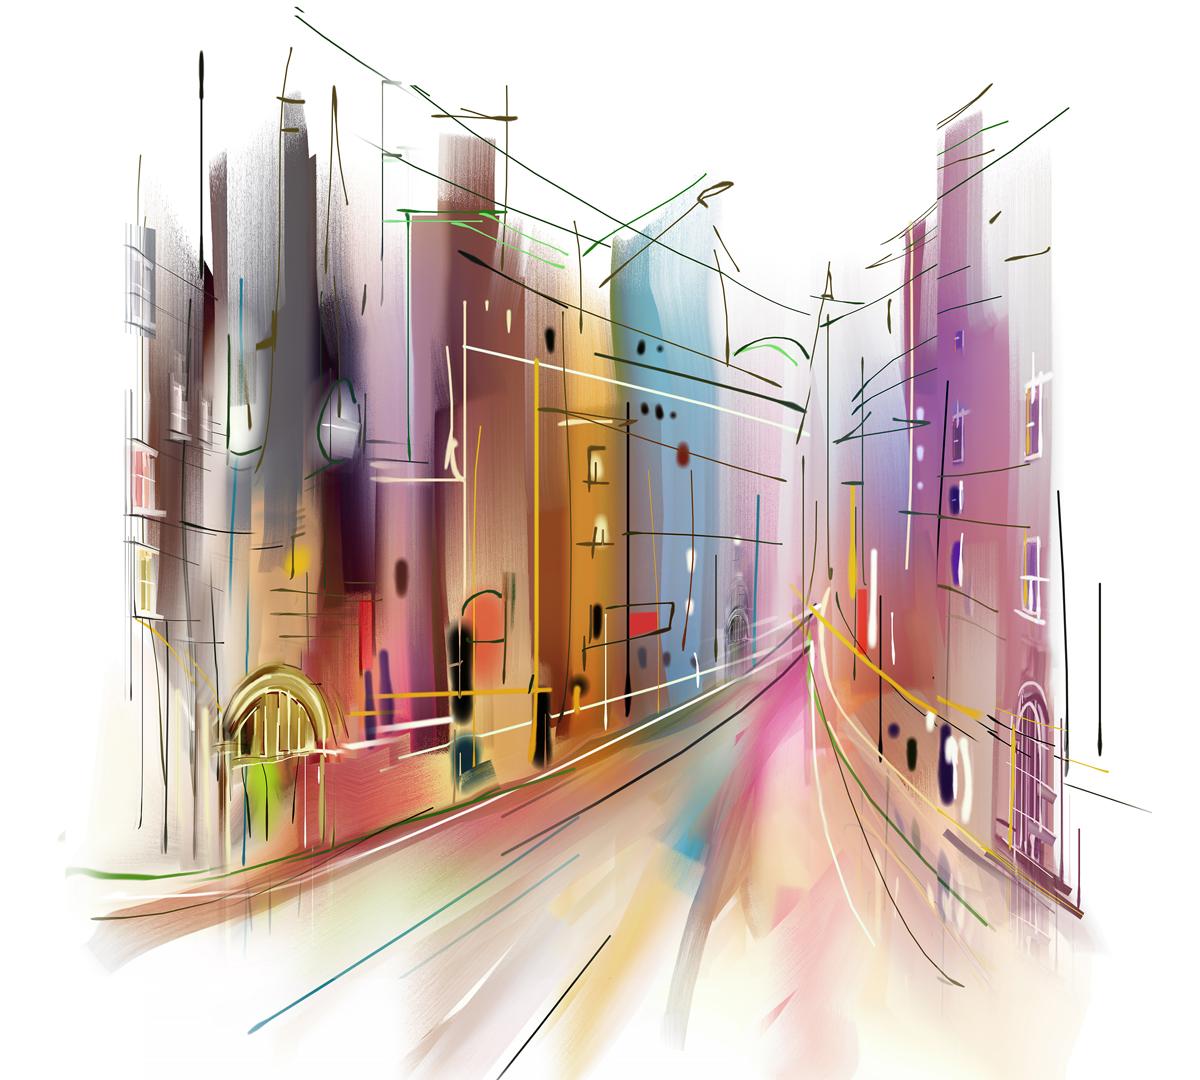 Фотообои Barton Wallpapers Города, 300 x 270 см. U09703U09703Флизелиновые фотообои Barton Wallpapers Города. Превосходное цифровое качество изображения, экологичные, износостойкие, не пахнут, стойки к выцветанию, просты в поклейке. Любой современный город - это место со своей особенной атмосферой и историей. Именно так и изображен город на фотопанно новой серии: стремительный поток событий и судеб в круговороте ярких красок. Прислушайтесь к нему, и вы сможете разгадать его тайны, раскрыть секреты и полюбить его. Фотообои в лаконичном графическом стиле рисования символично изображают городской проспект среди домов. Что это за город - на этот вопрос предстоит ответить вам, стоит только купить их и поместить на кухне, в гостиной или прихожей. Этот воздушный и легкий рисунок привнесет в помещение много света и поможет визуально расширить комнату.